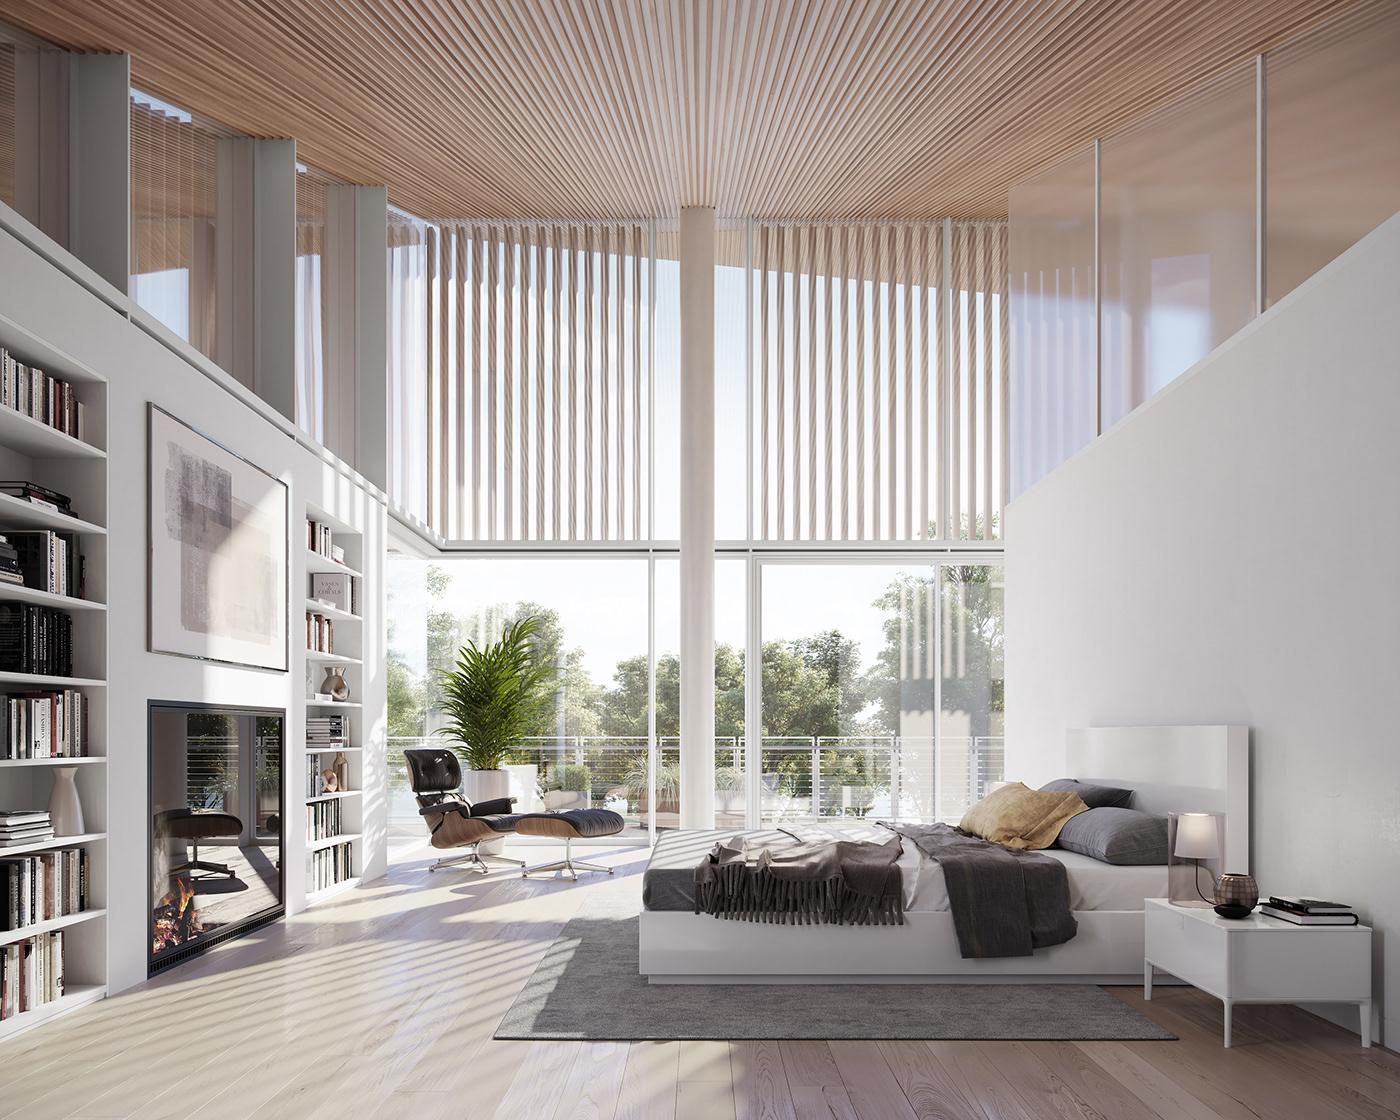 corona Render CGI visualization architecture design Interior house residential Villa